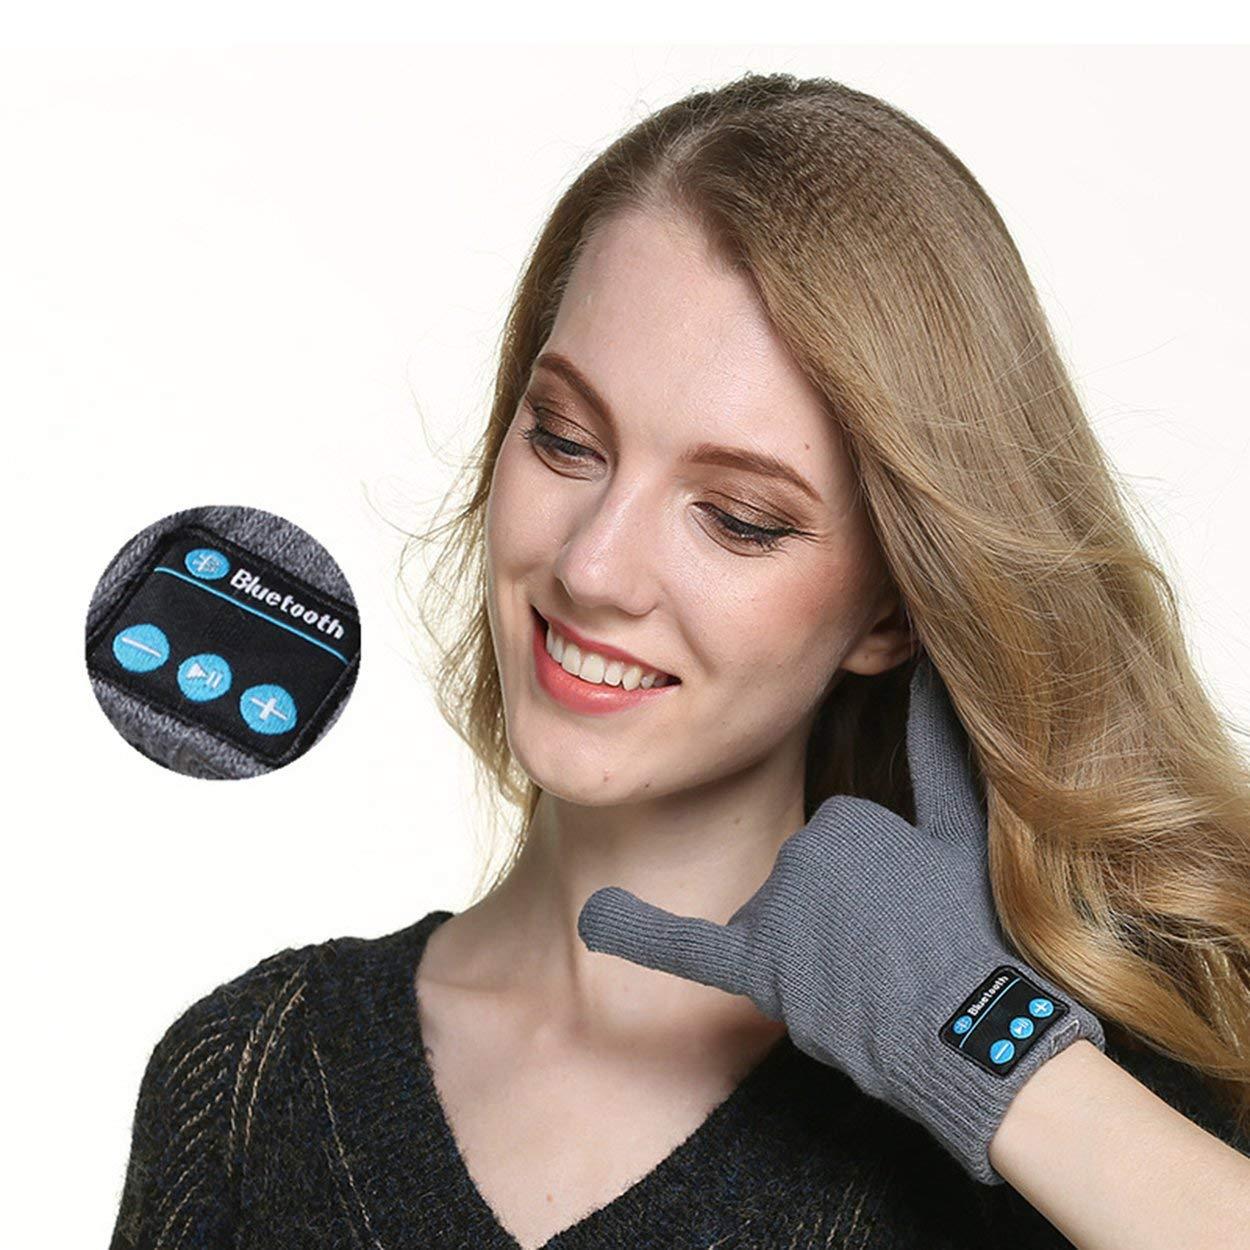 Lorenlli Guantes con Pantalla táctil Bluetooth Guantes de Invierno cálidos de Punto